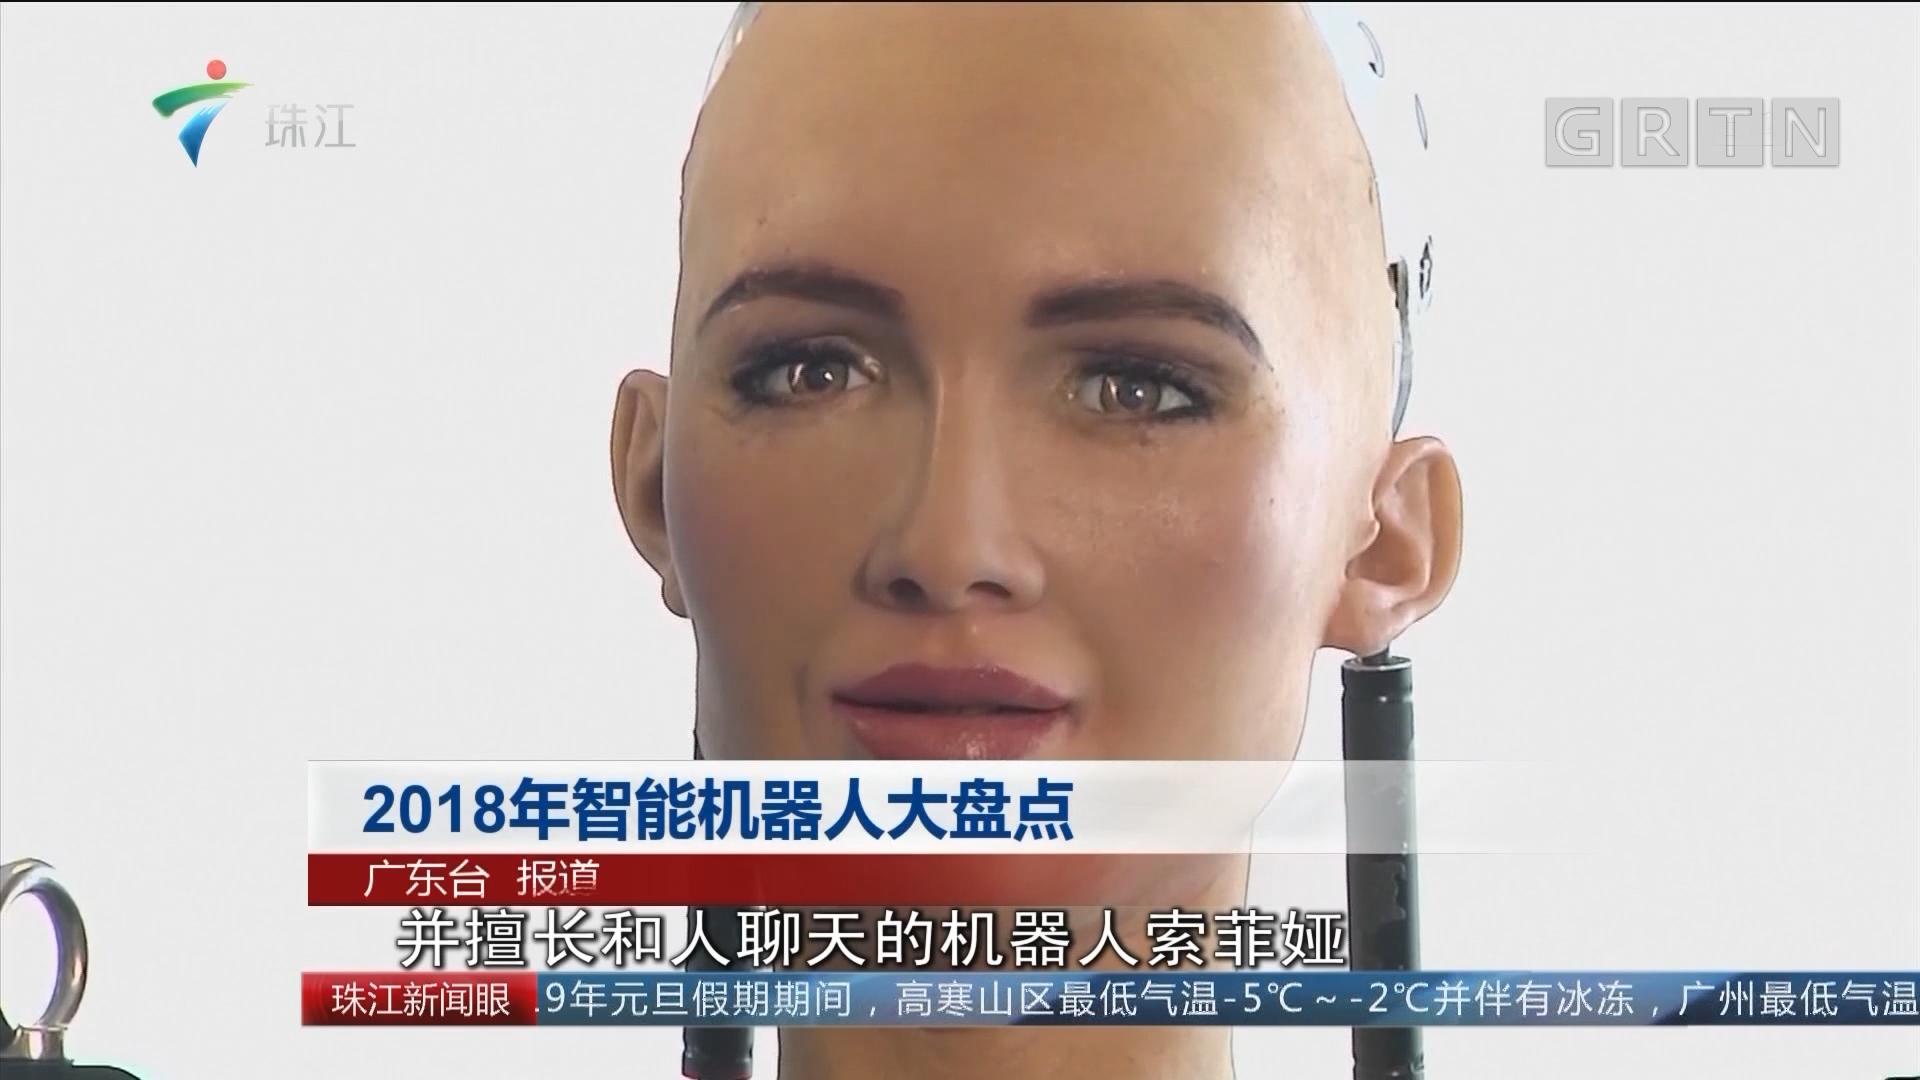 2018年智能机器人大盘点